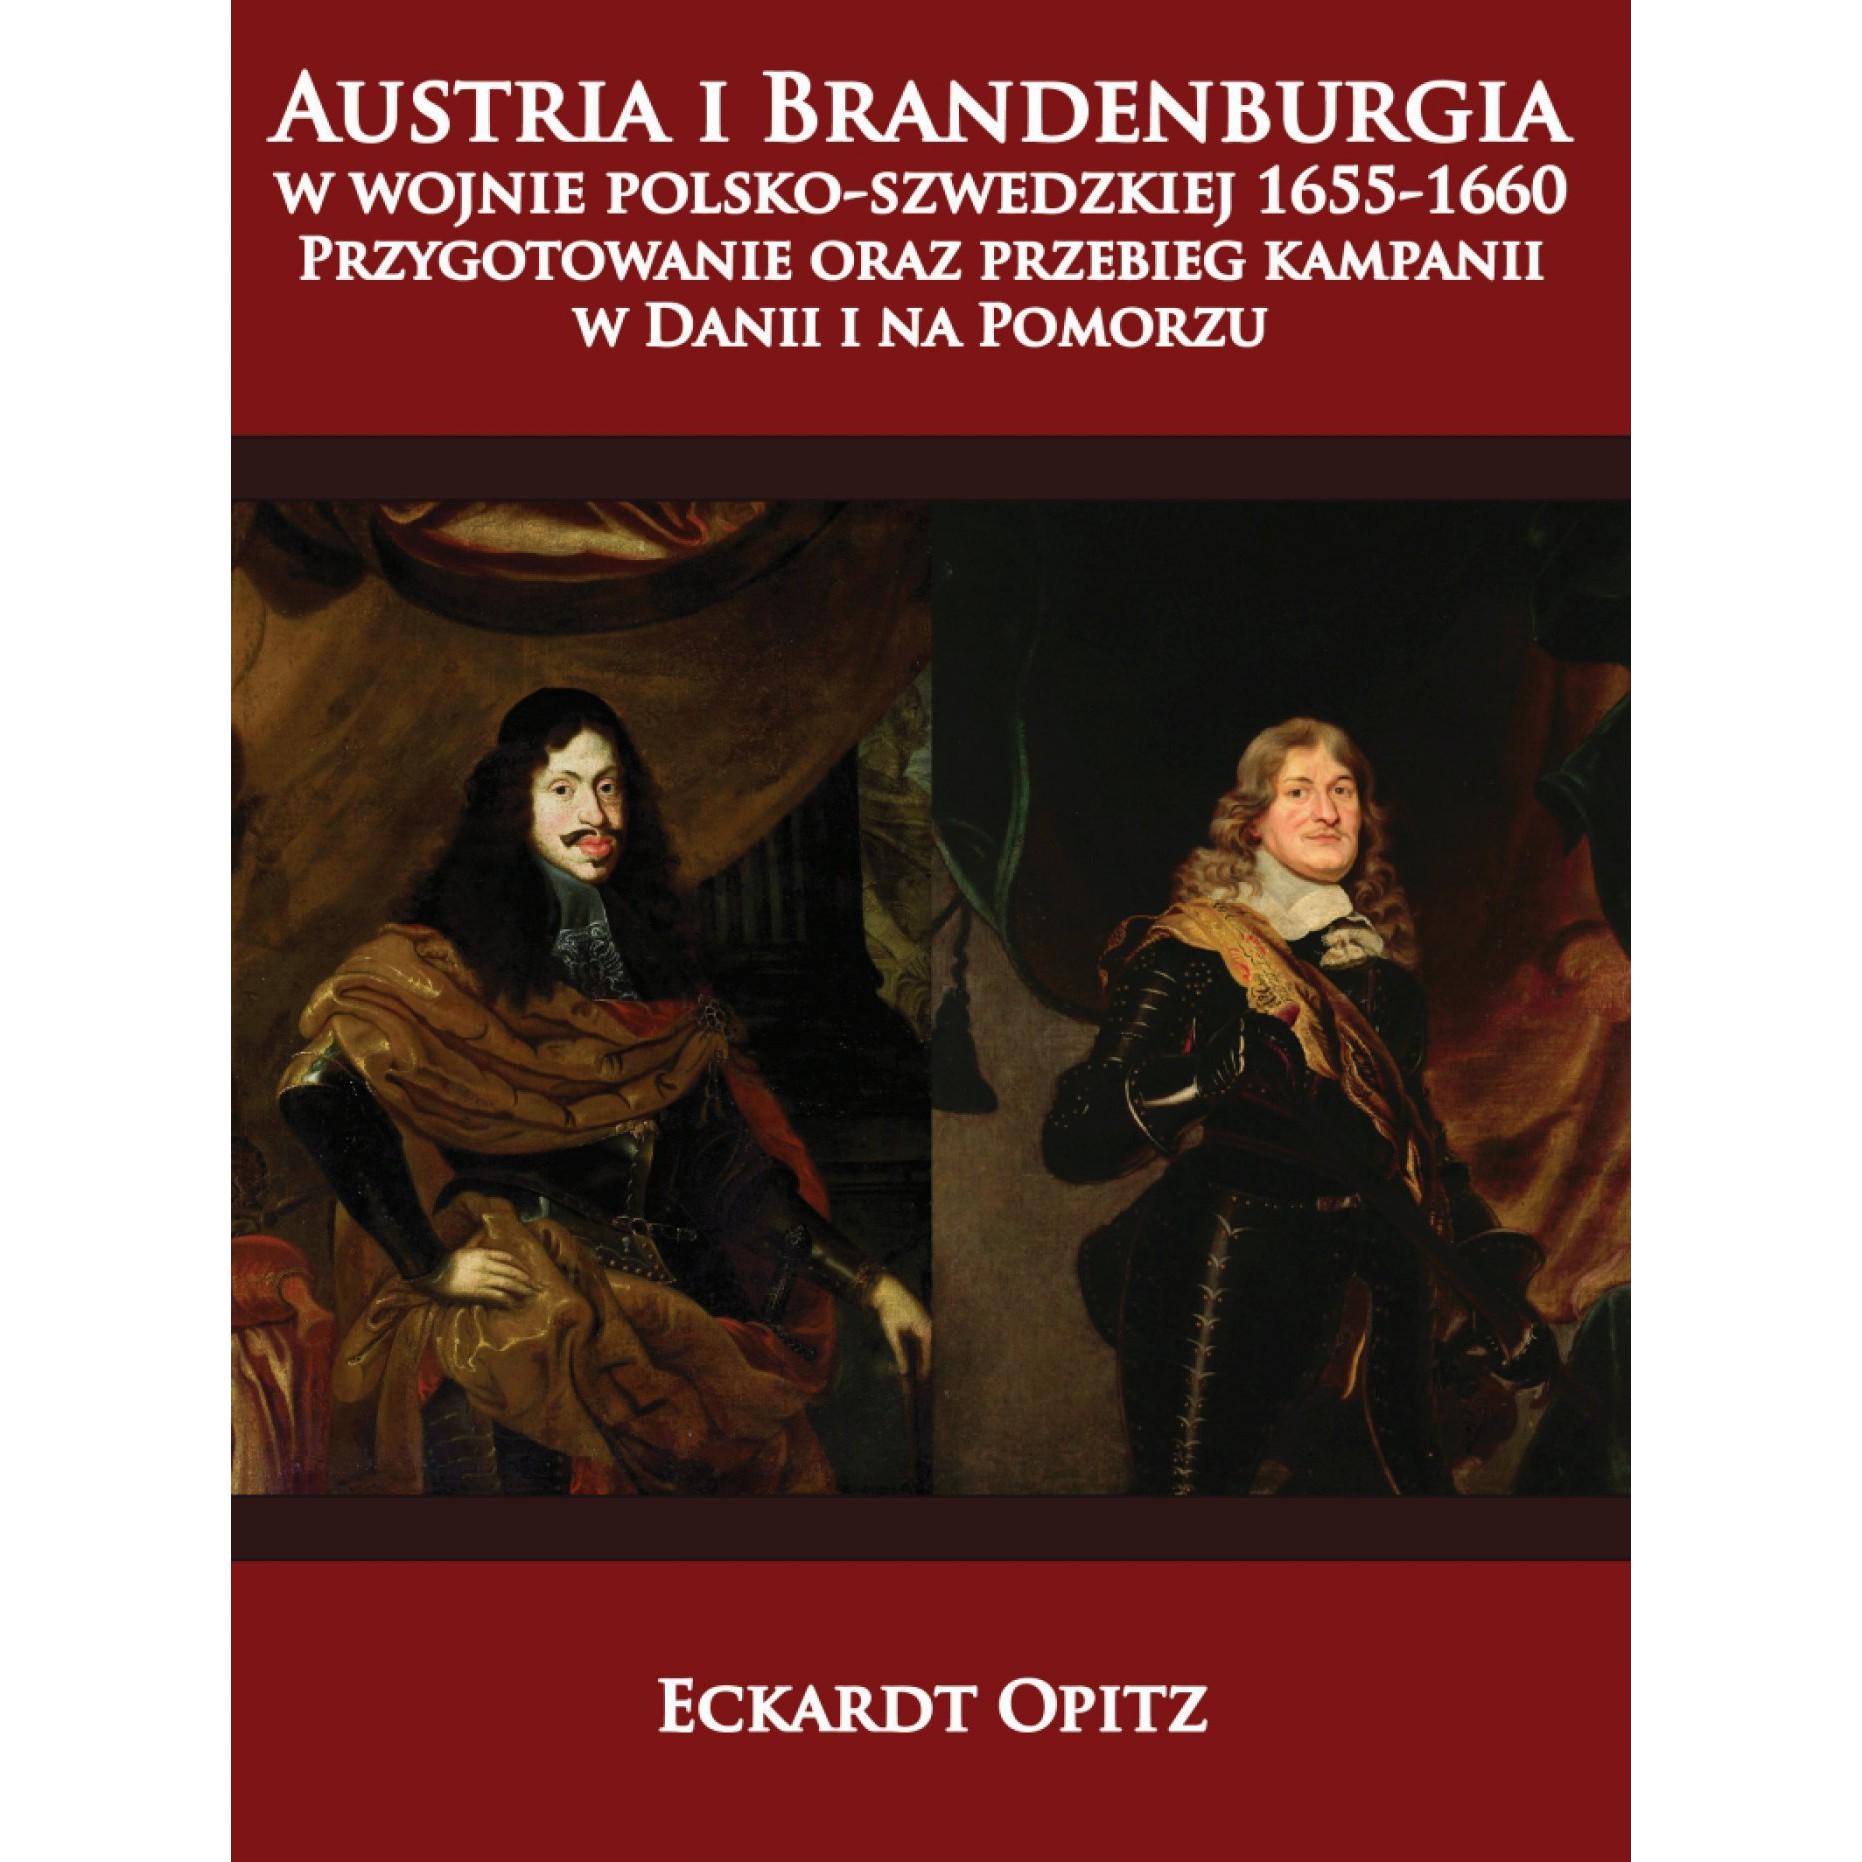 Austria i Brandenburgia w wojnie polsko-szwedzkiej 1655-1660. Przygotowanie oraz przebieg kampanii w Danii i na Pomorzu